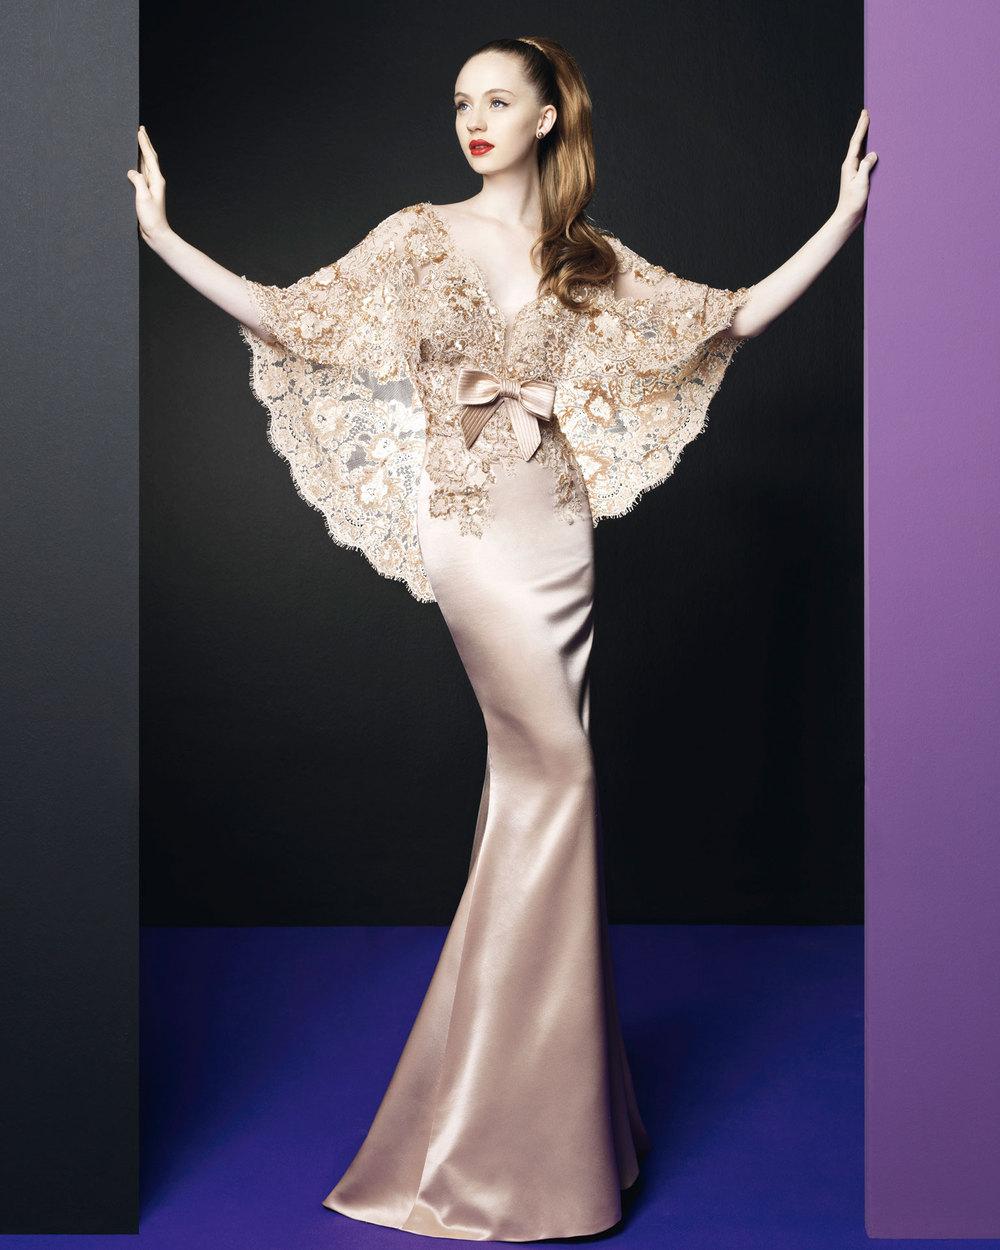 Du Badroune - forum tenues traditionnelles et haute couture, 18